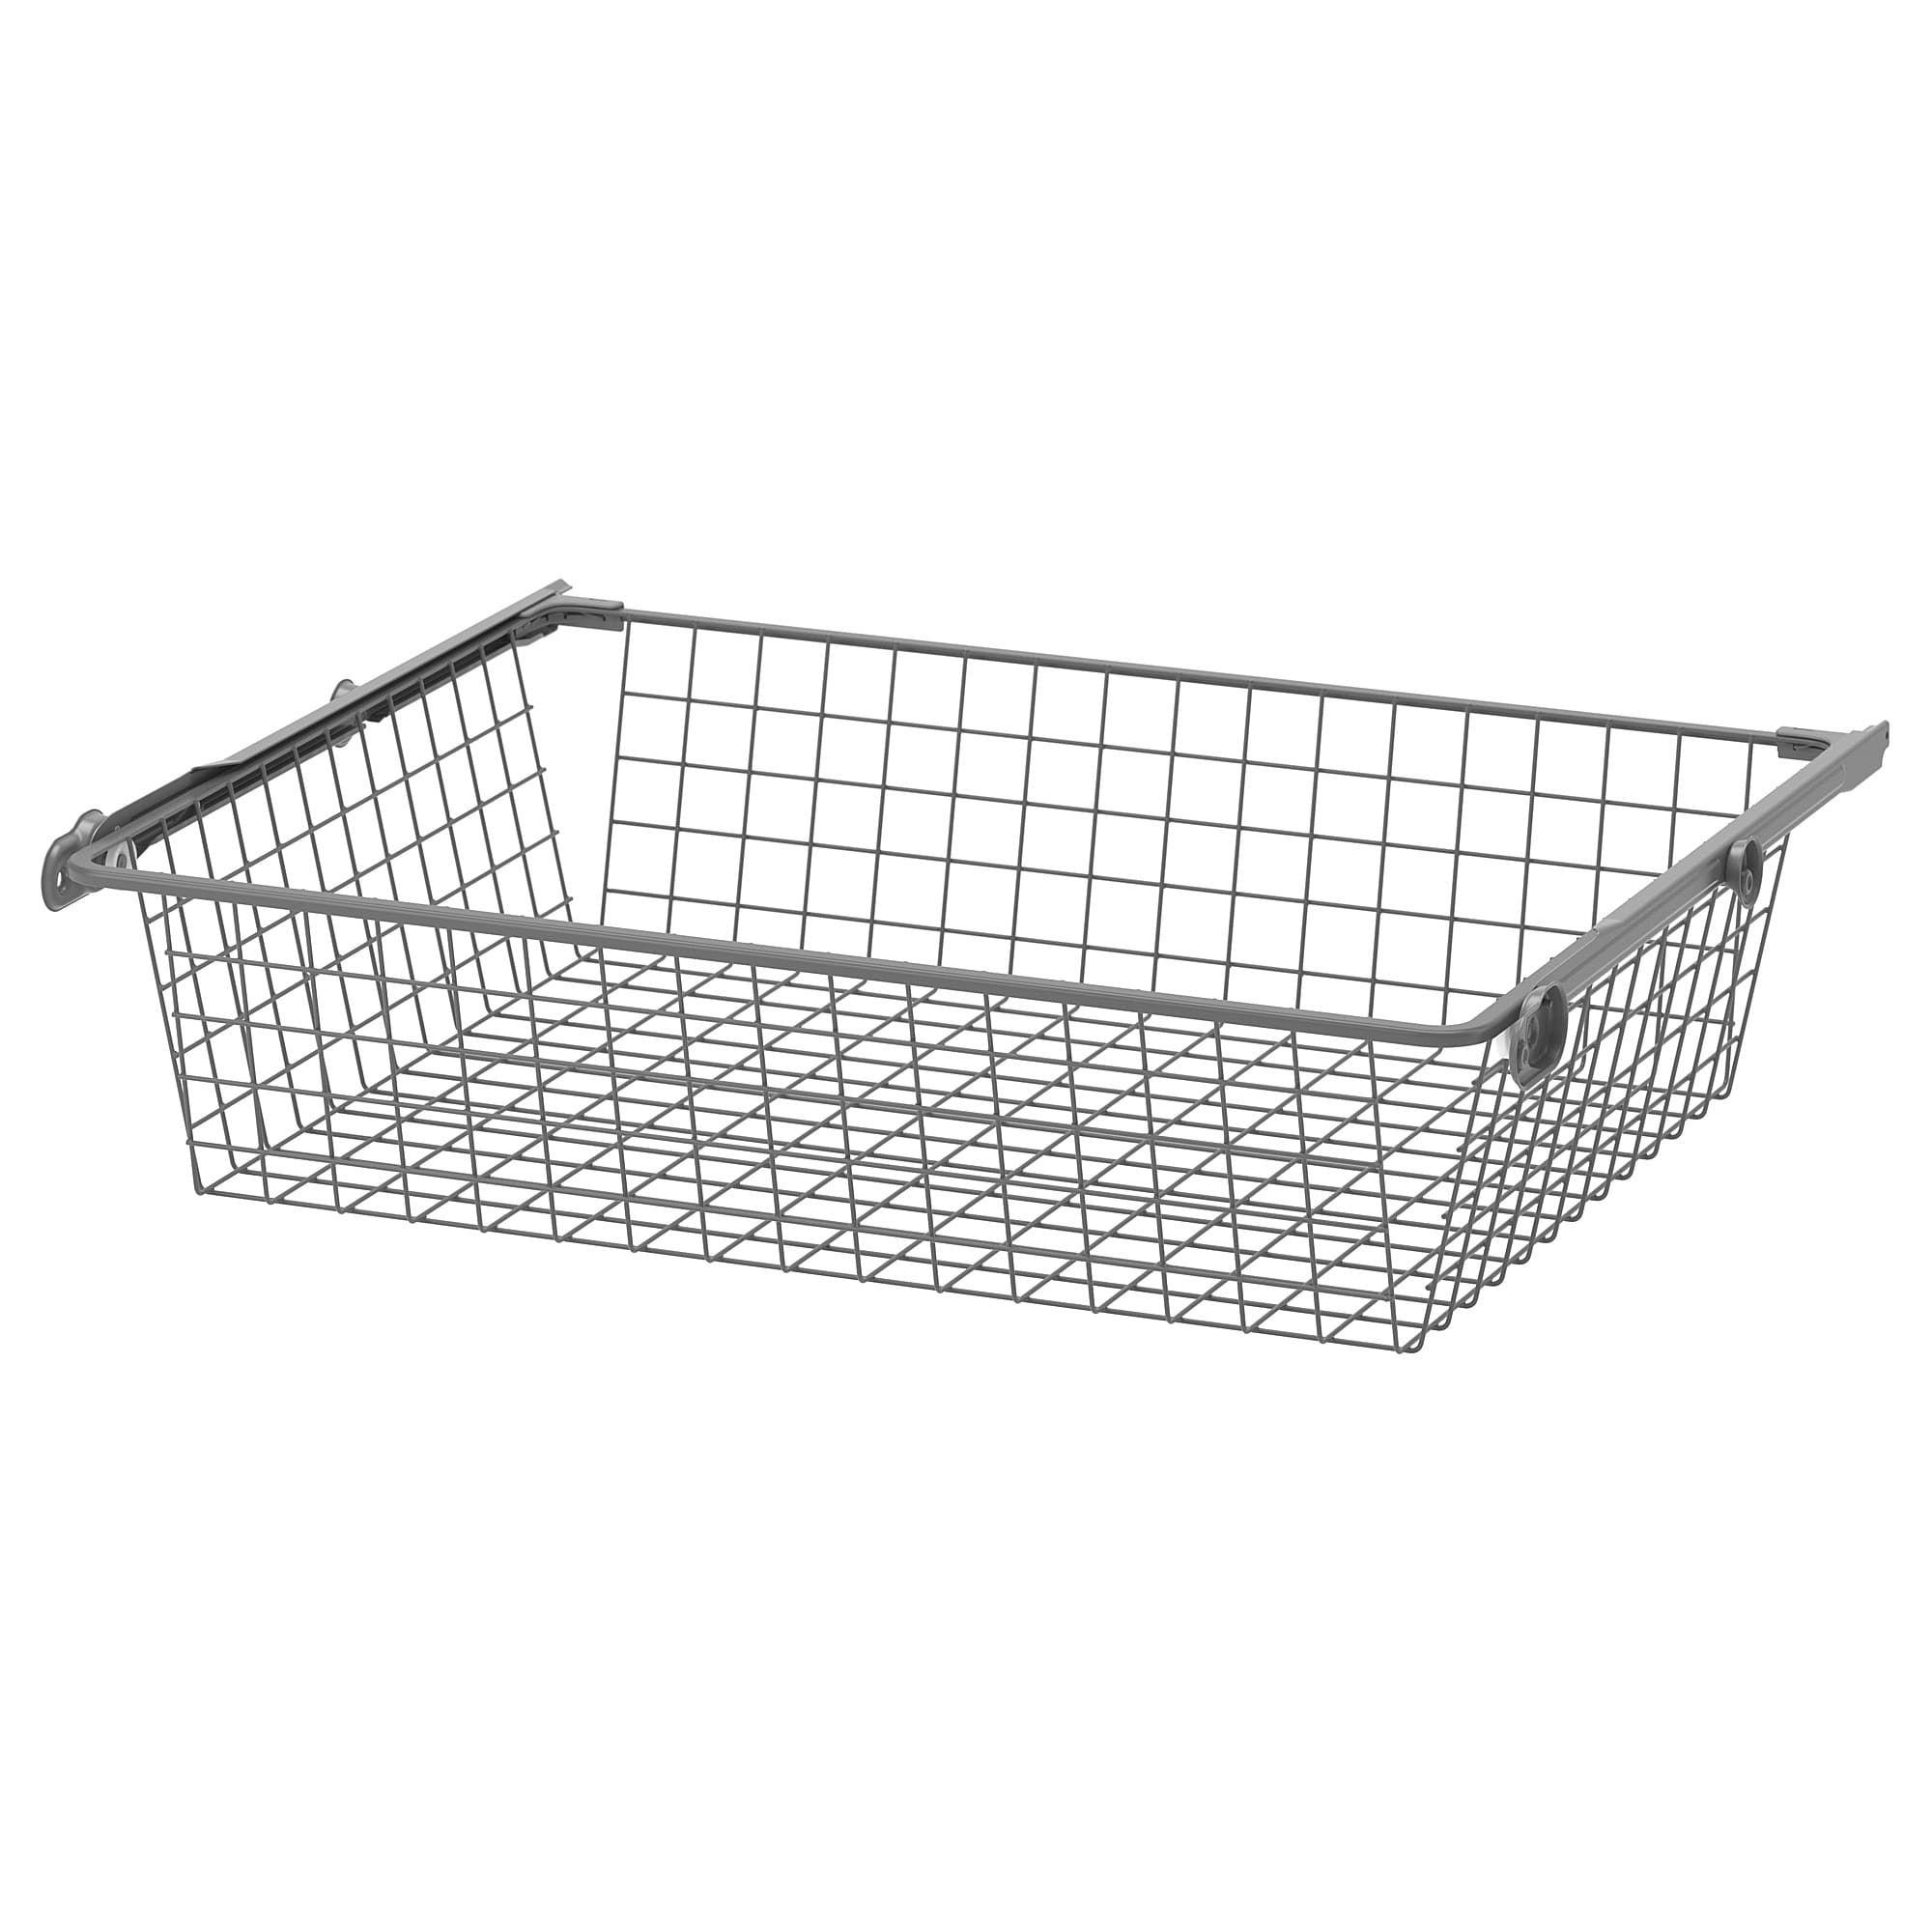 Ikea Komplement 75x58